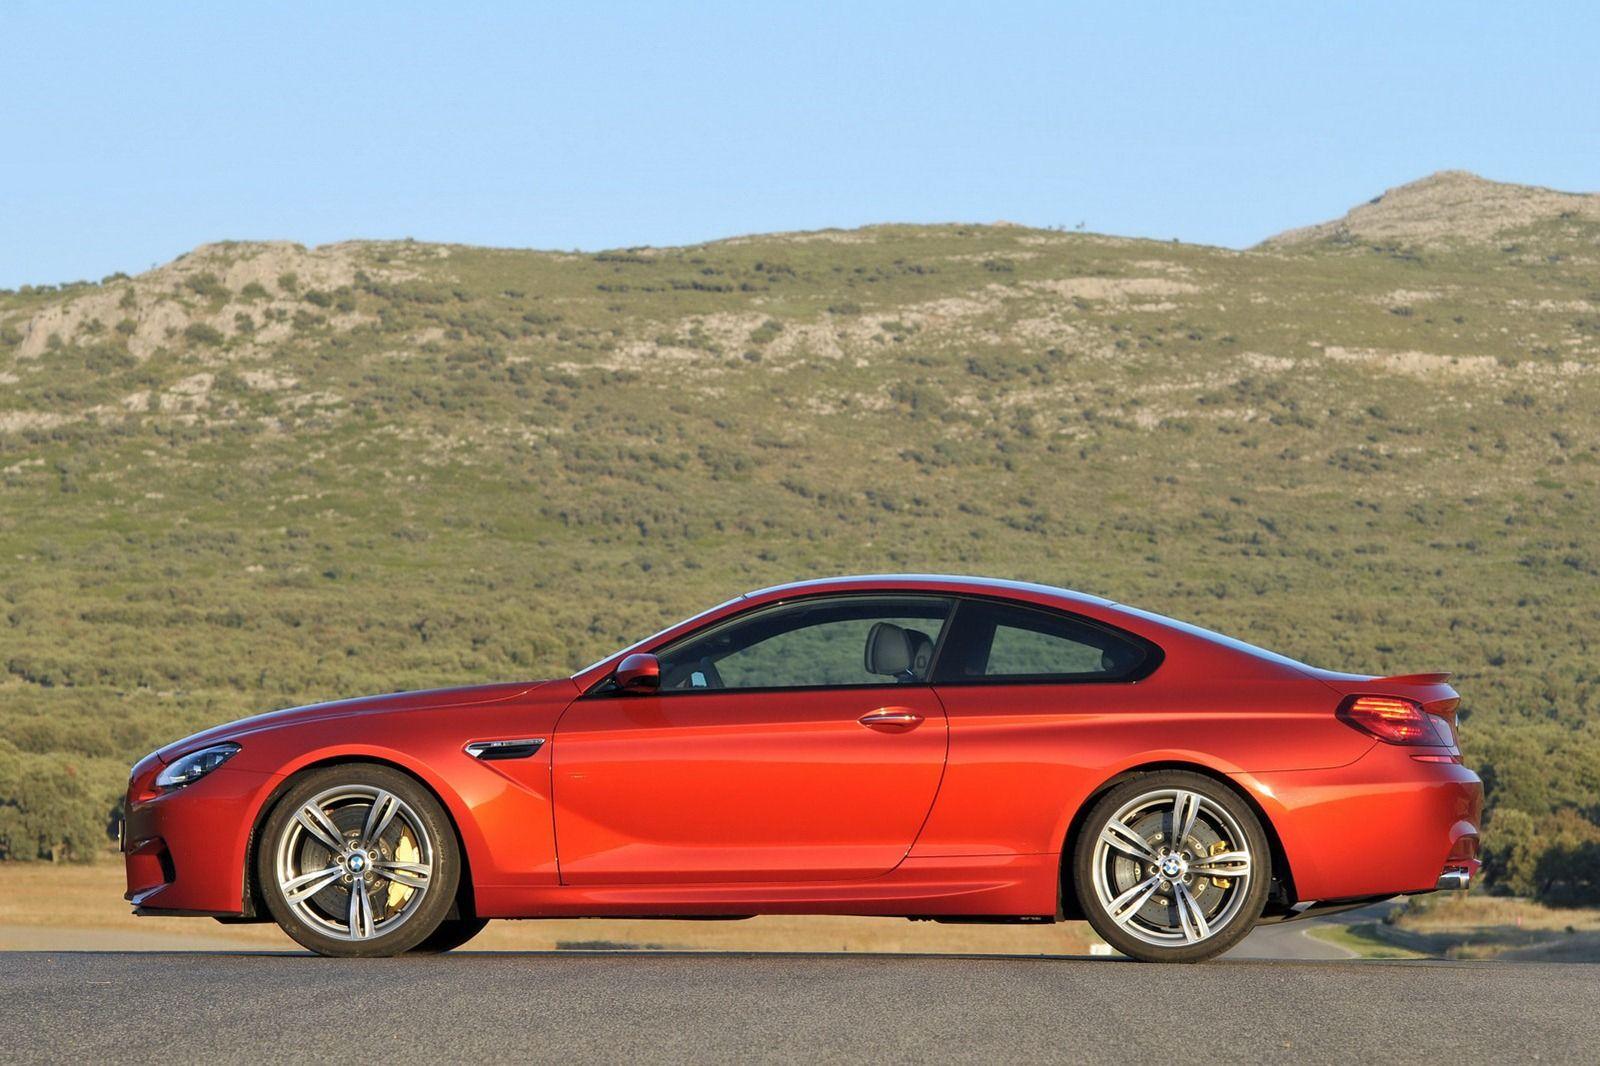 2013 Bmw M6 Coupé Performance Fuel Consumption Gabetumblr Bmw M6 Bmw Bmw M6 Coupe